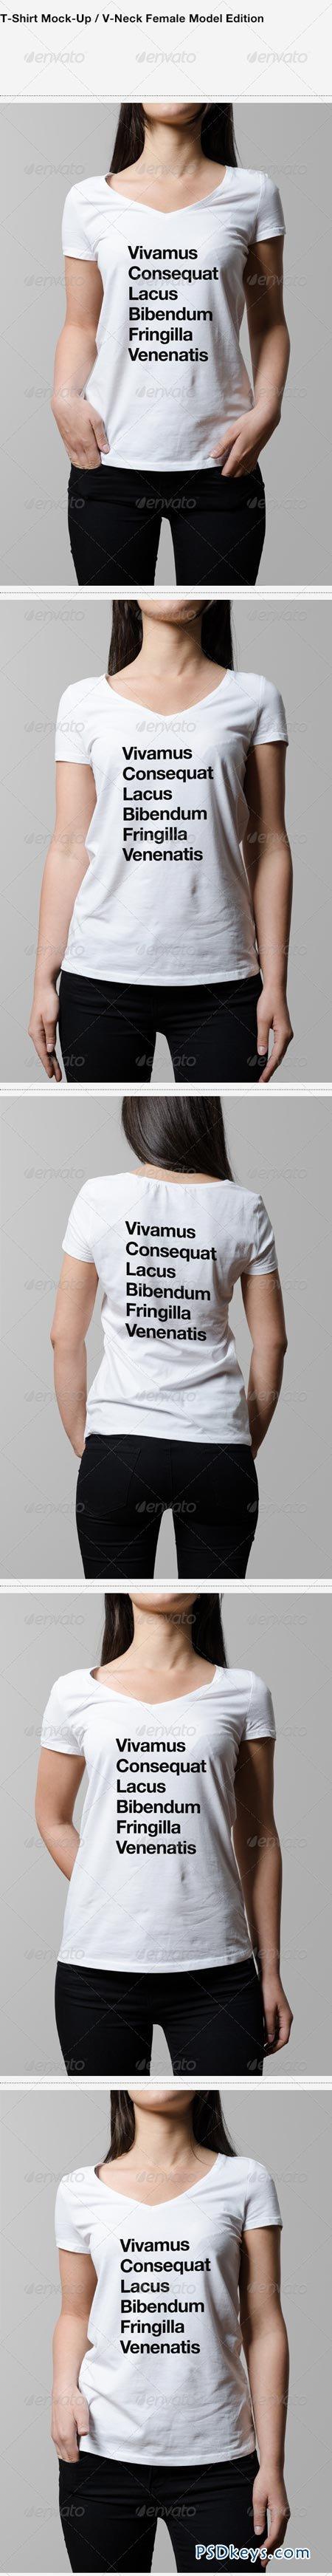 T shirt mock up v neck female model edition 6371868 free for T shirt mock ups